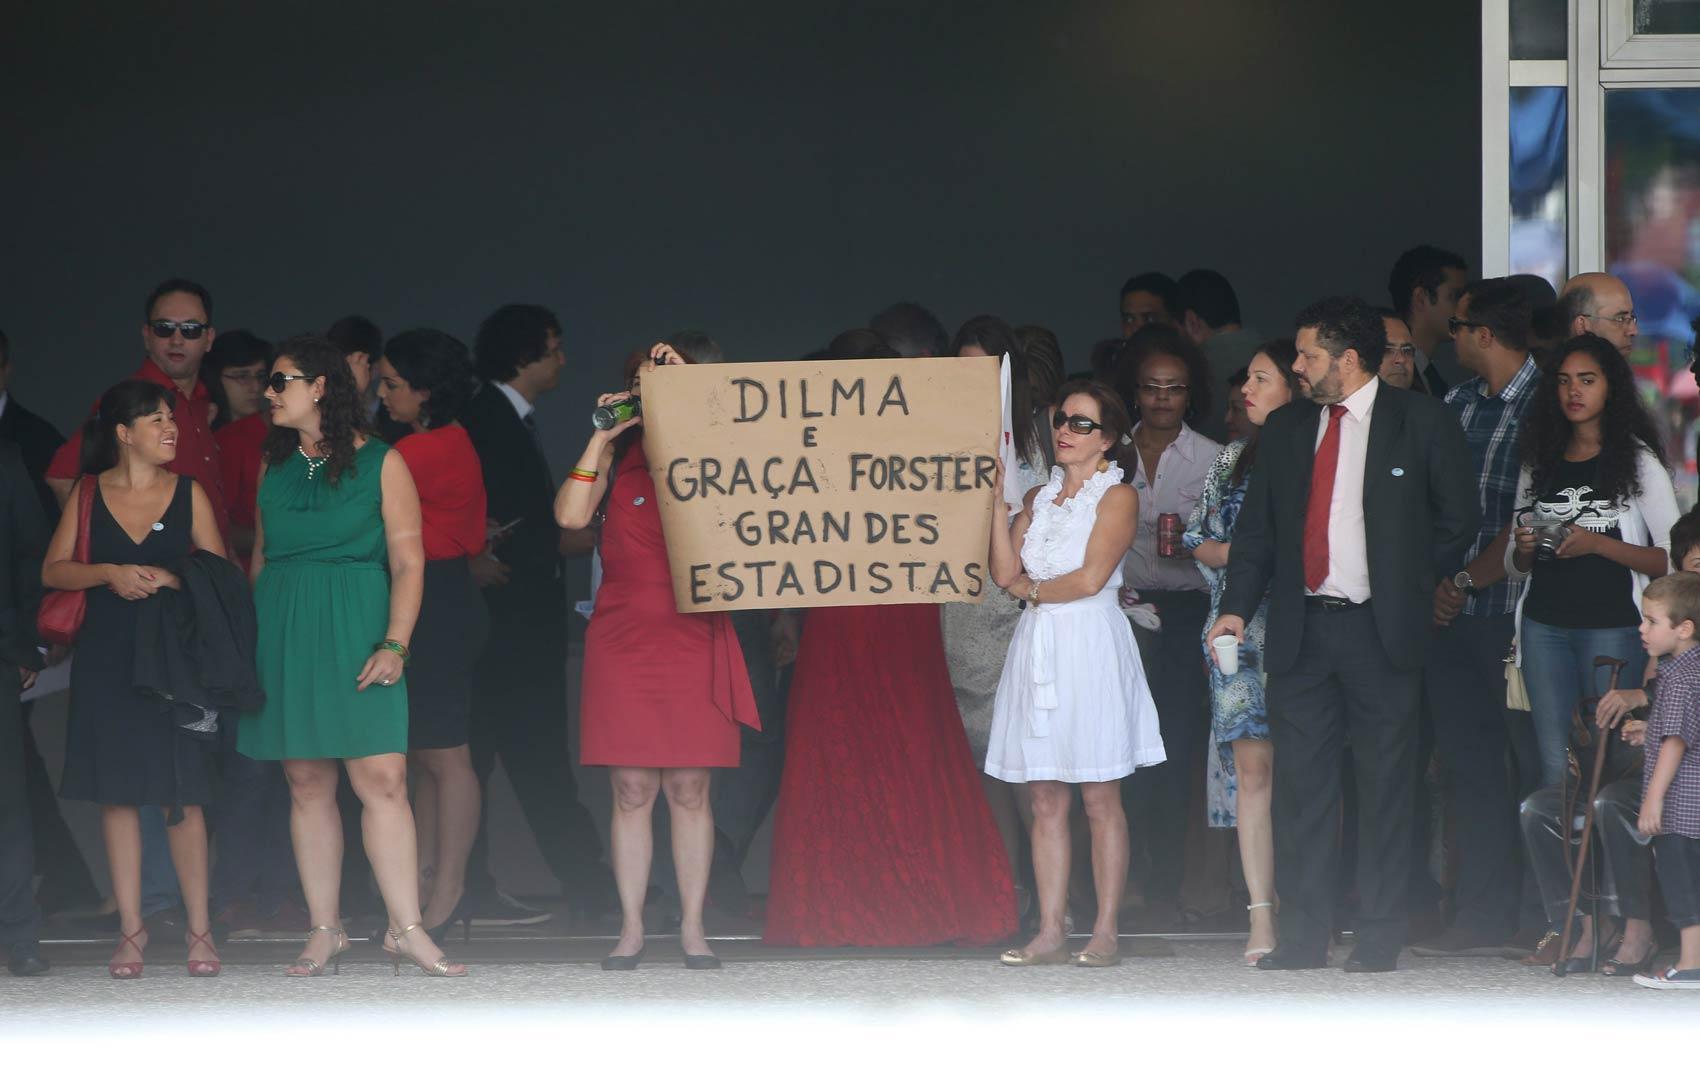 Convidados exibem cartaz com a frase 'Dilma e Graça Forster (presidente da Petrobrás), grandes estadistas' no interior do Palácio do Planalto durante cerimônia de posse do segundo mandato da presidente